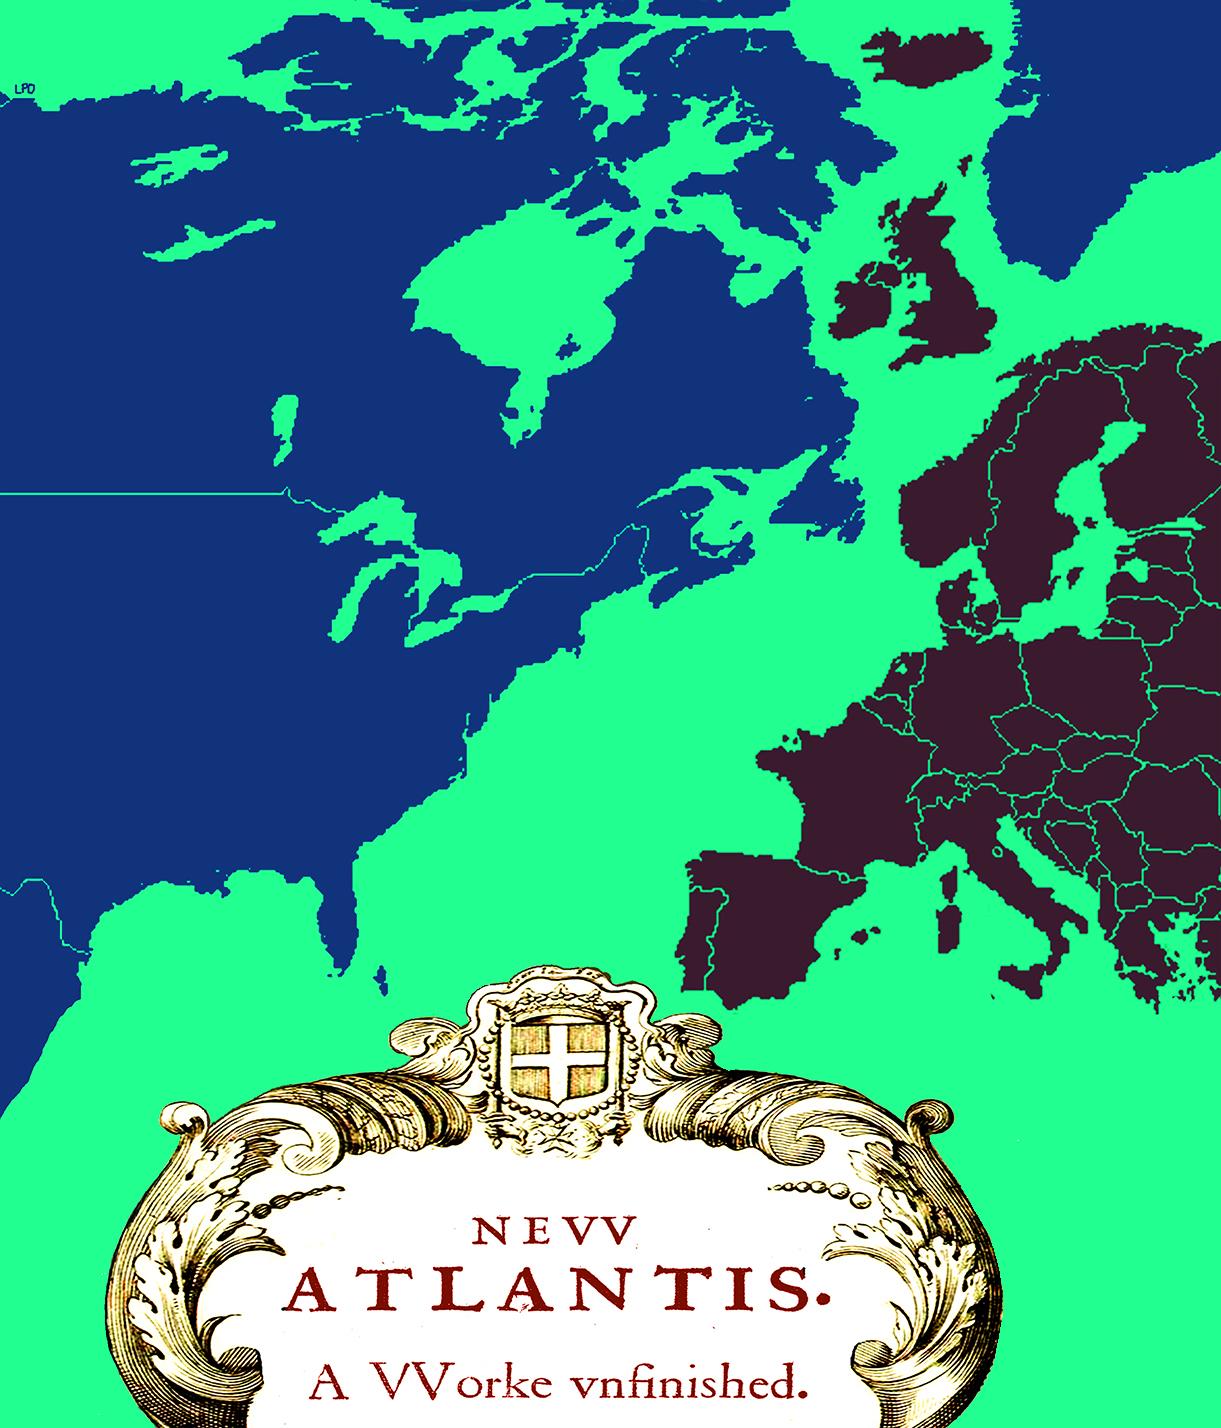 El retorno del atlantismo